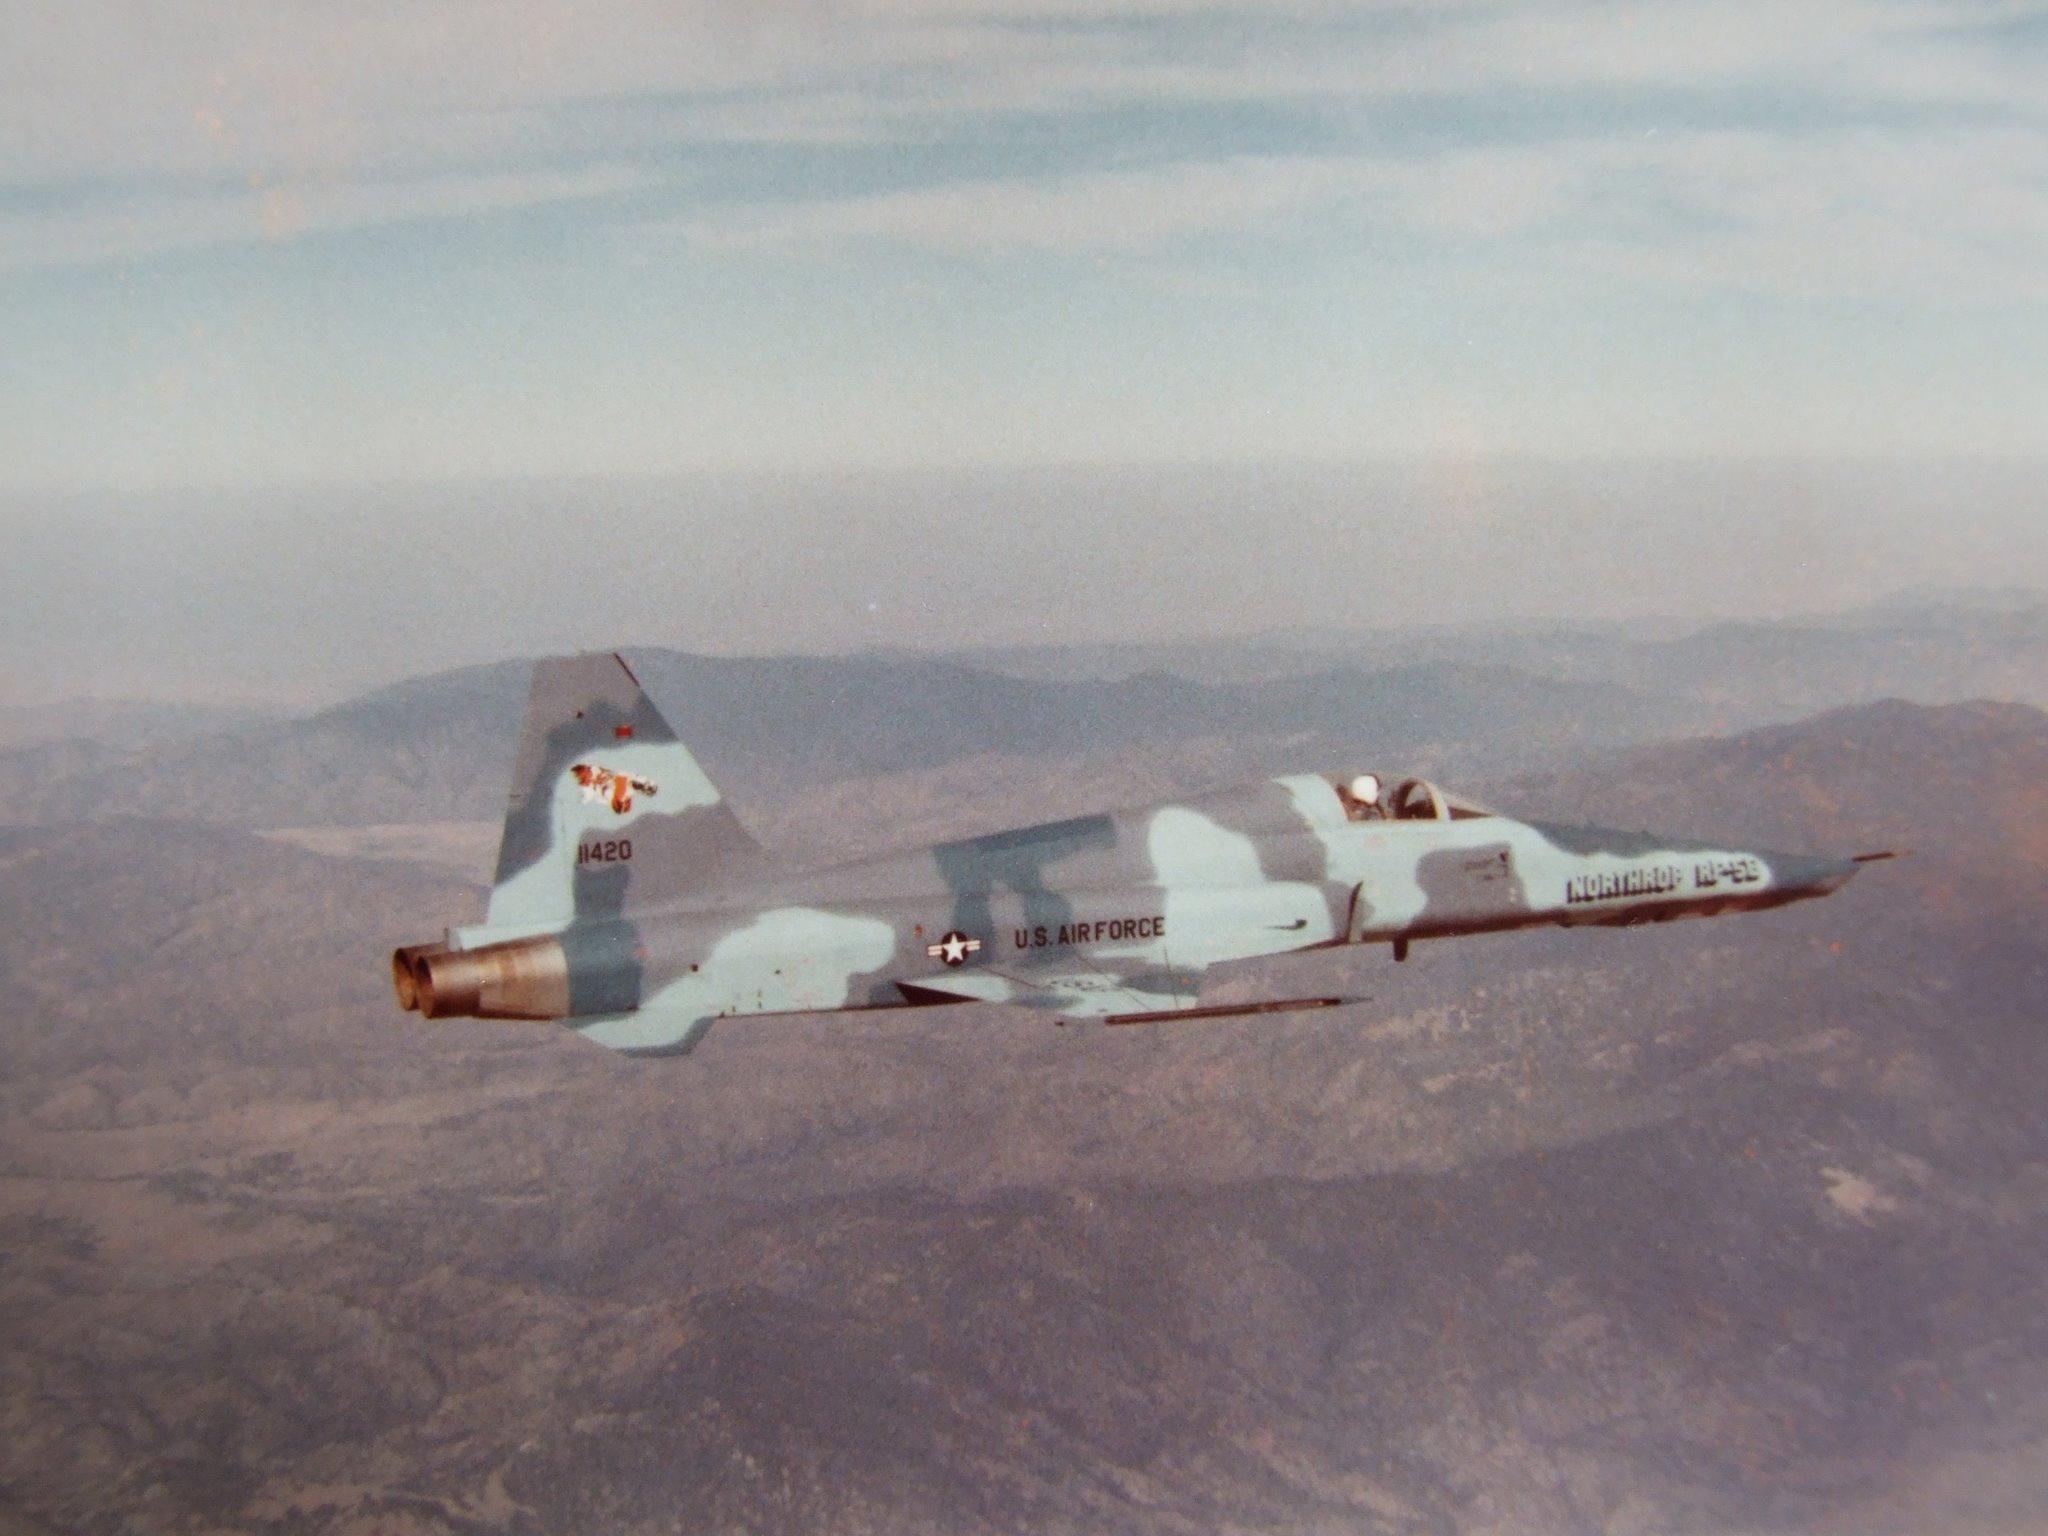 ISPITIVANJE PROTOTIPA AVIONA RF–5E U SAD 1980. GODINE 00d7f8717578eb9cec0cc44eed75778d63ab146c